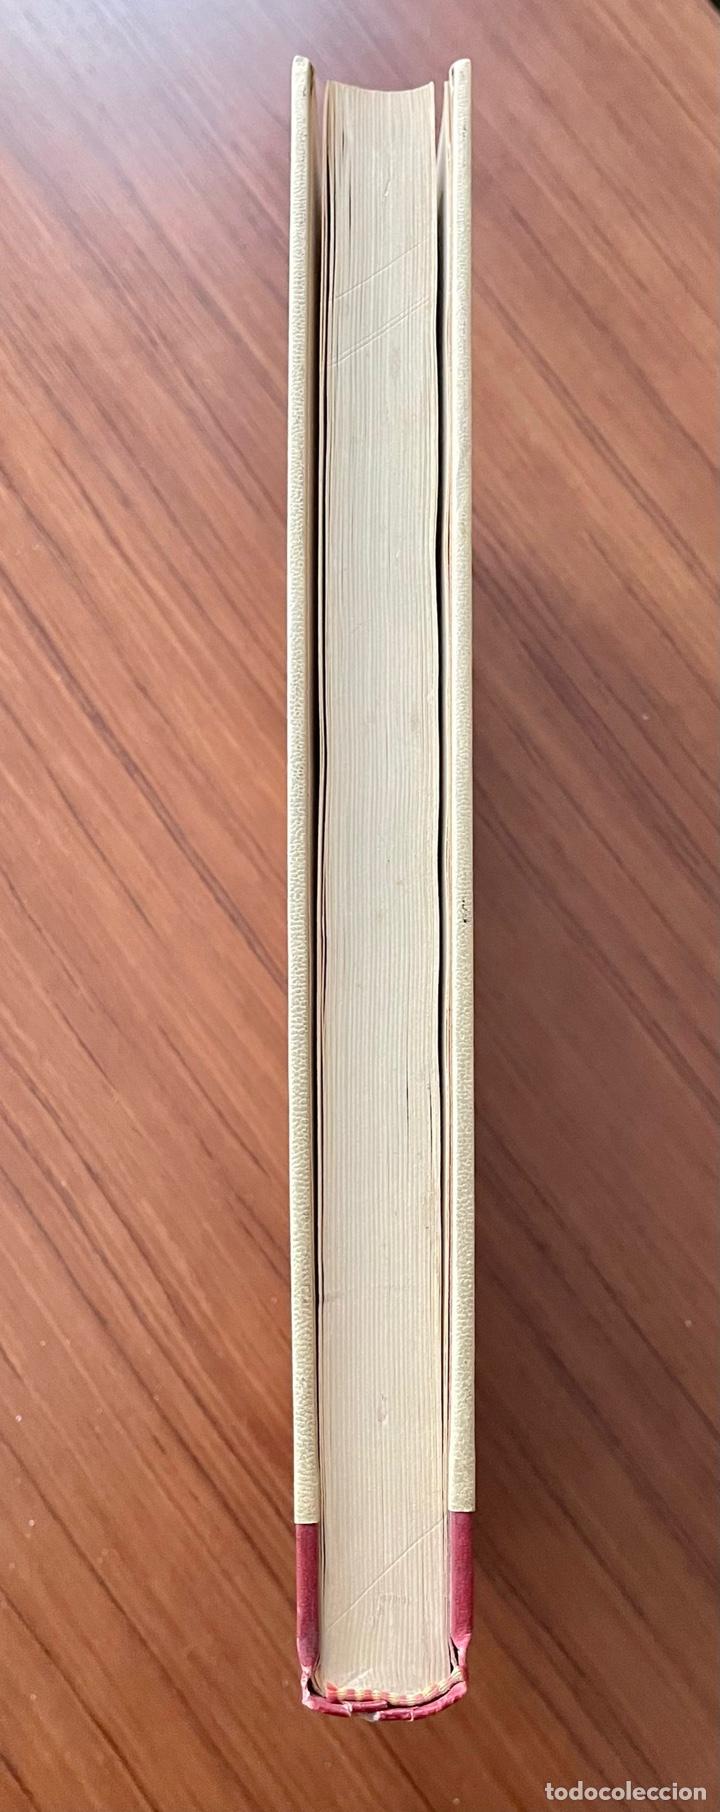 Tebeos: CHISPITA. 7 AVENTURAS COMPLETAS (1-2-3-4-5-7 Y 9) EN 8 TOMOS DE LUJO. GRAFIDEA. AMBROS. BUEN ESTADO - Foto 8 - 238691445